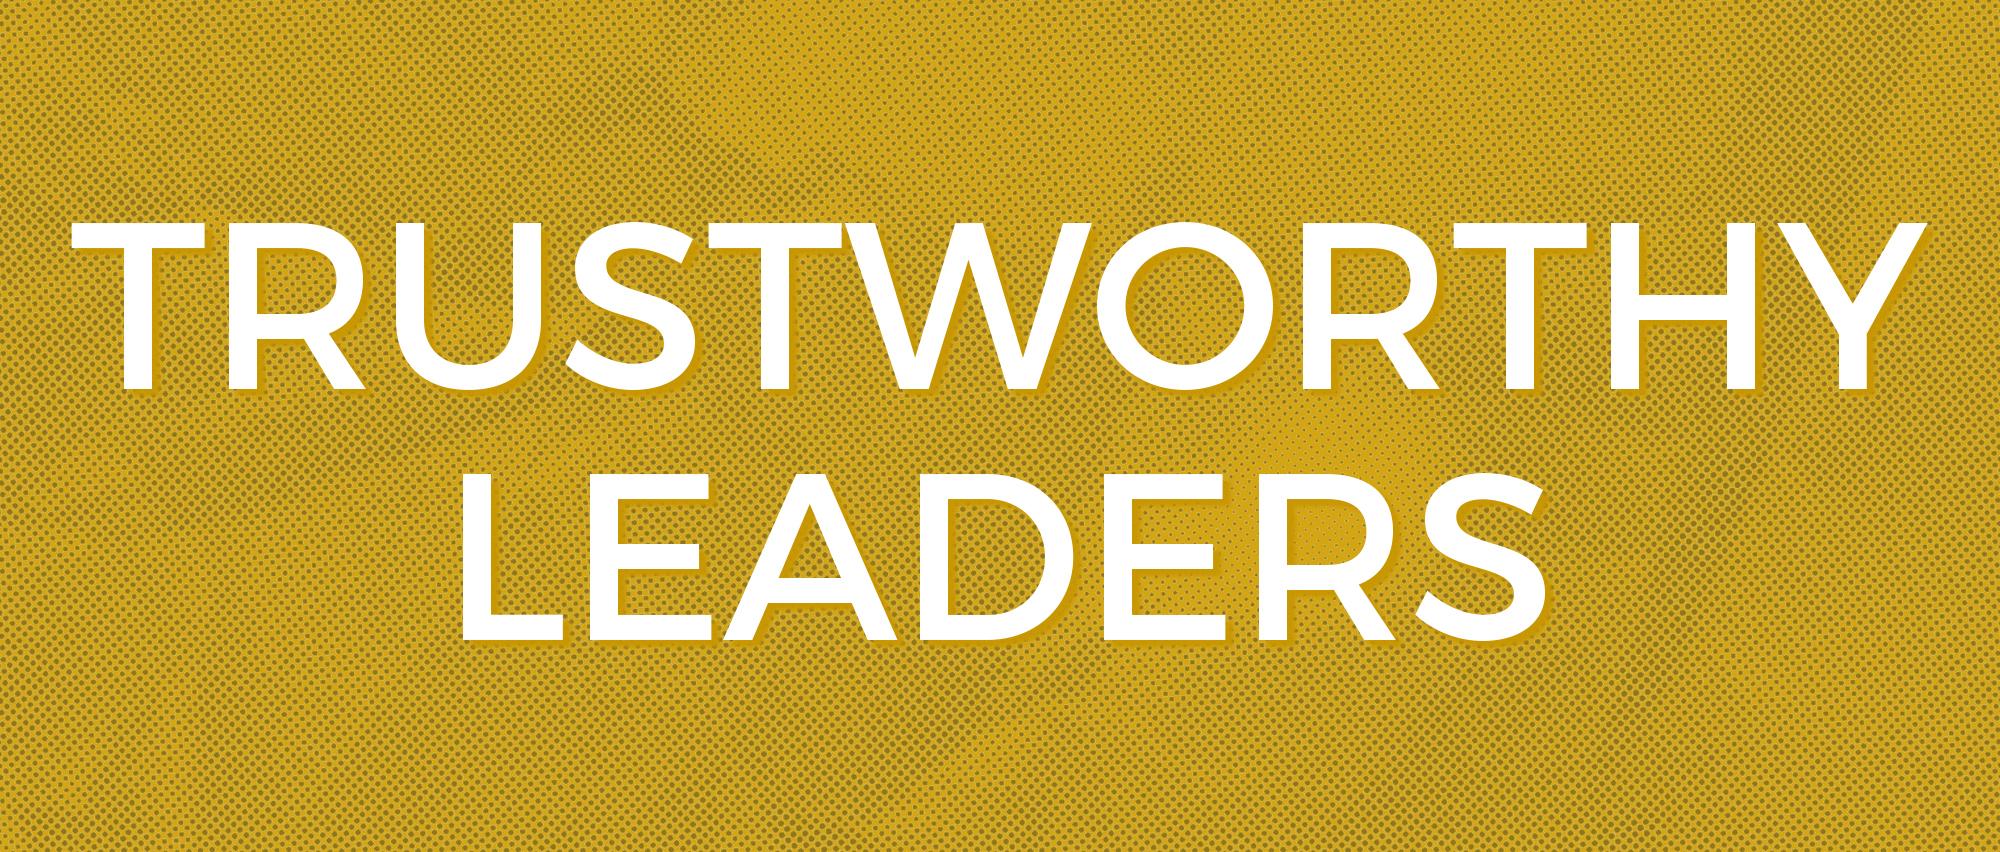 Trustworthy Leaders.jpg